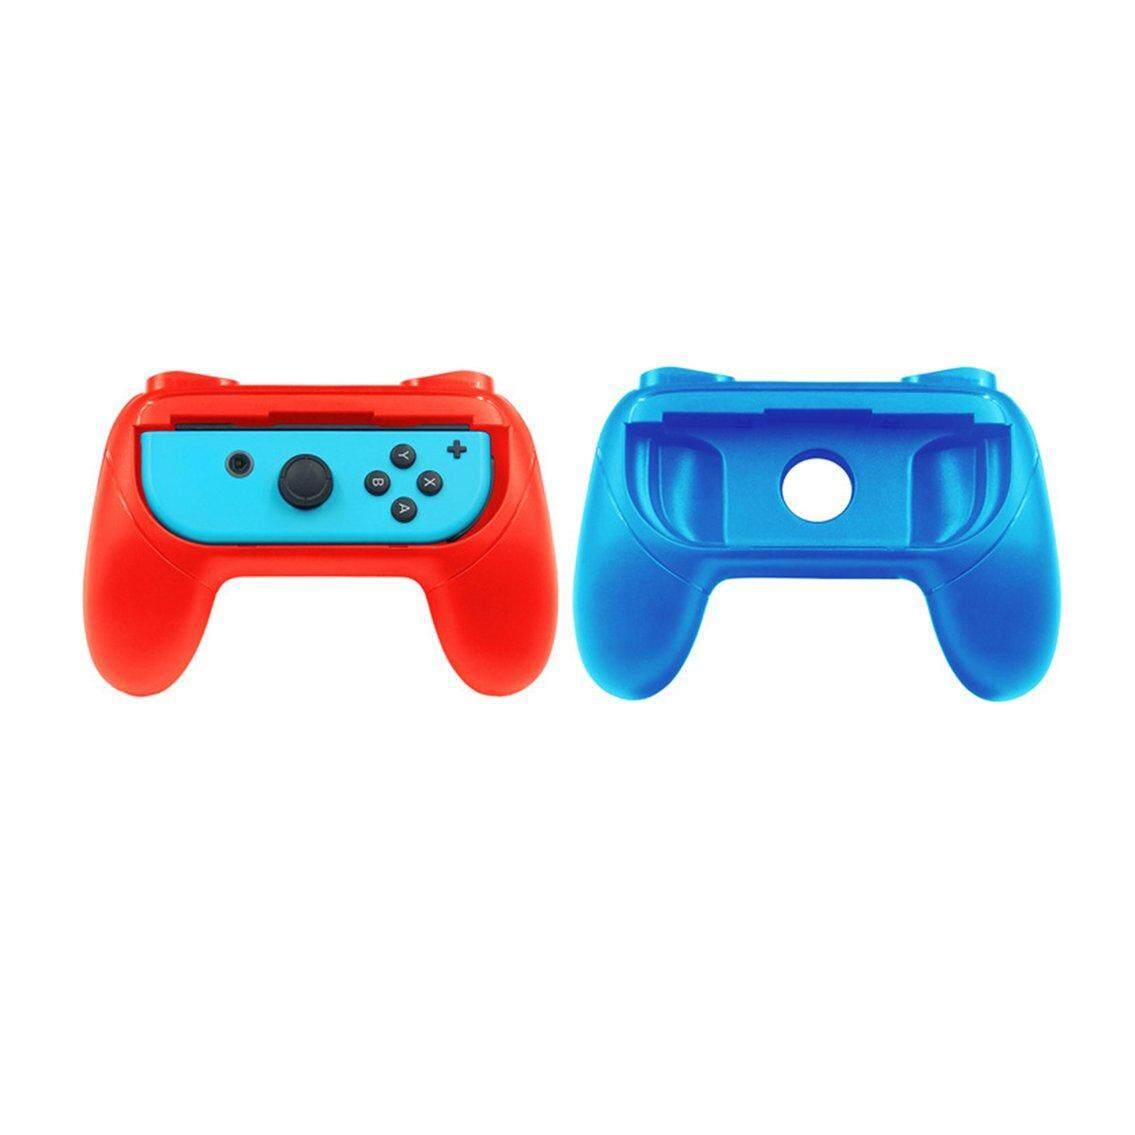 Giá DOIT Cho Nintend Công Tắc 1 Handgrips Joystick Chơi Game Tay Cầm Tay Cầm Không Dây